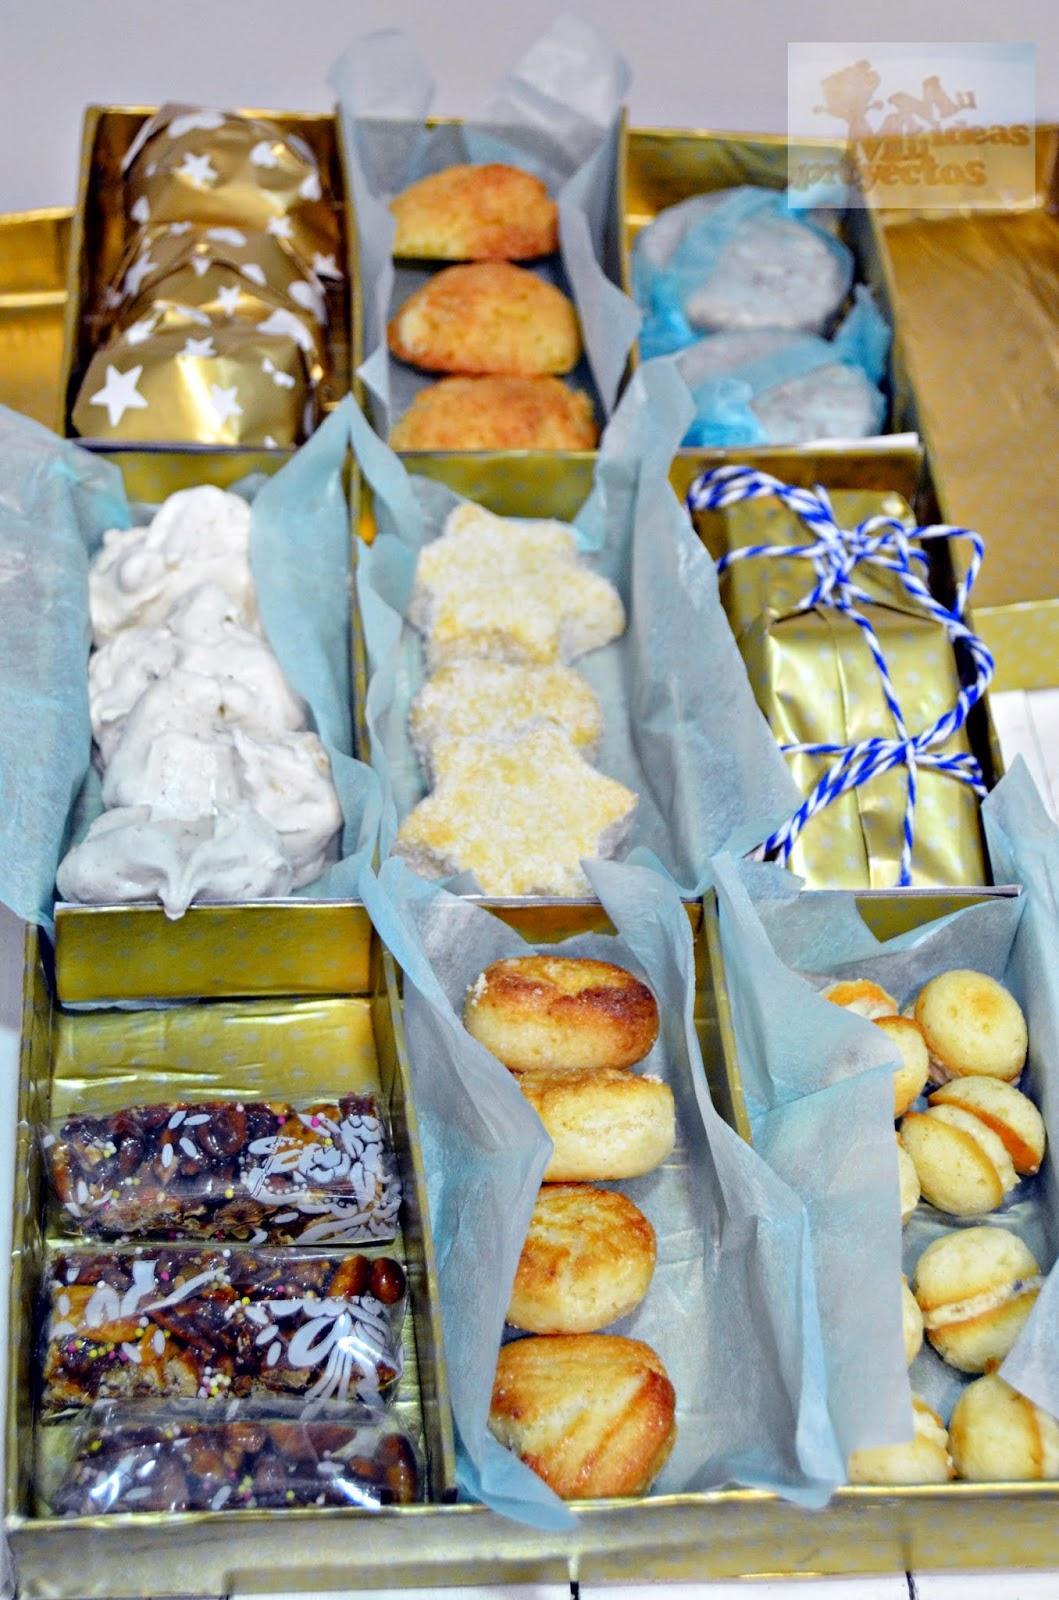 forrar una caja para regalo para los dulces de navidad